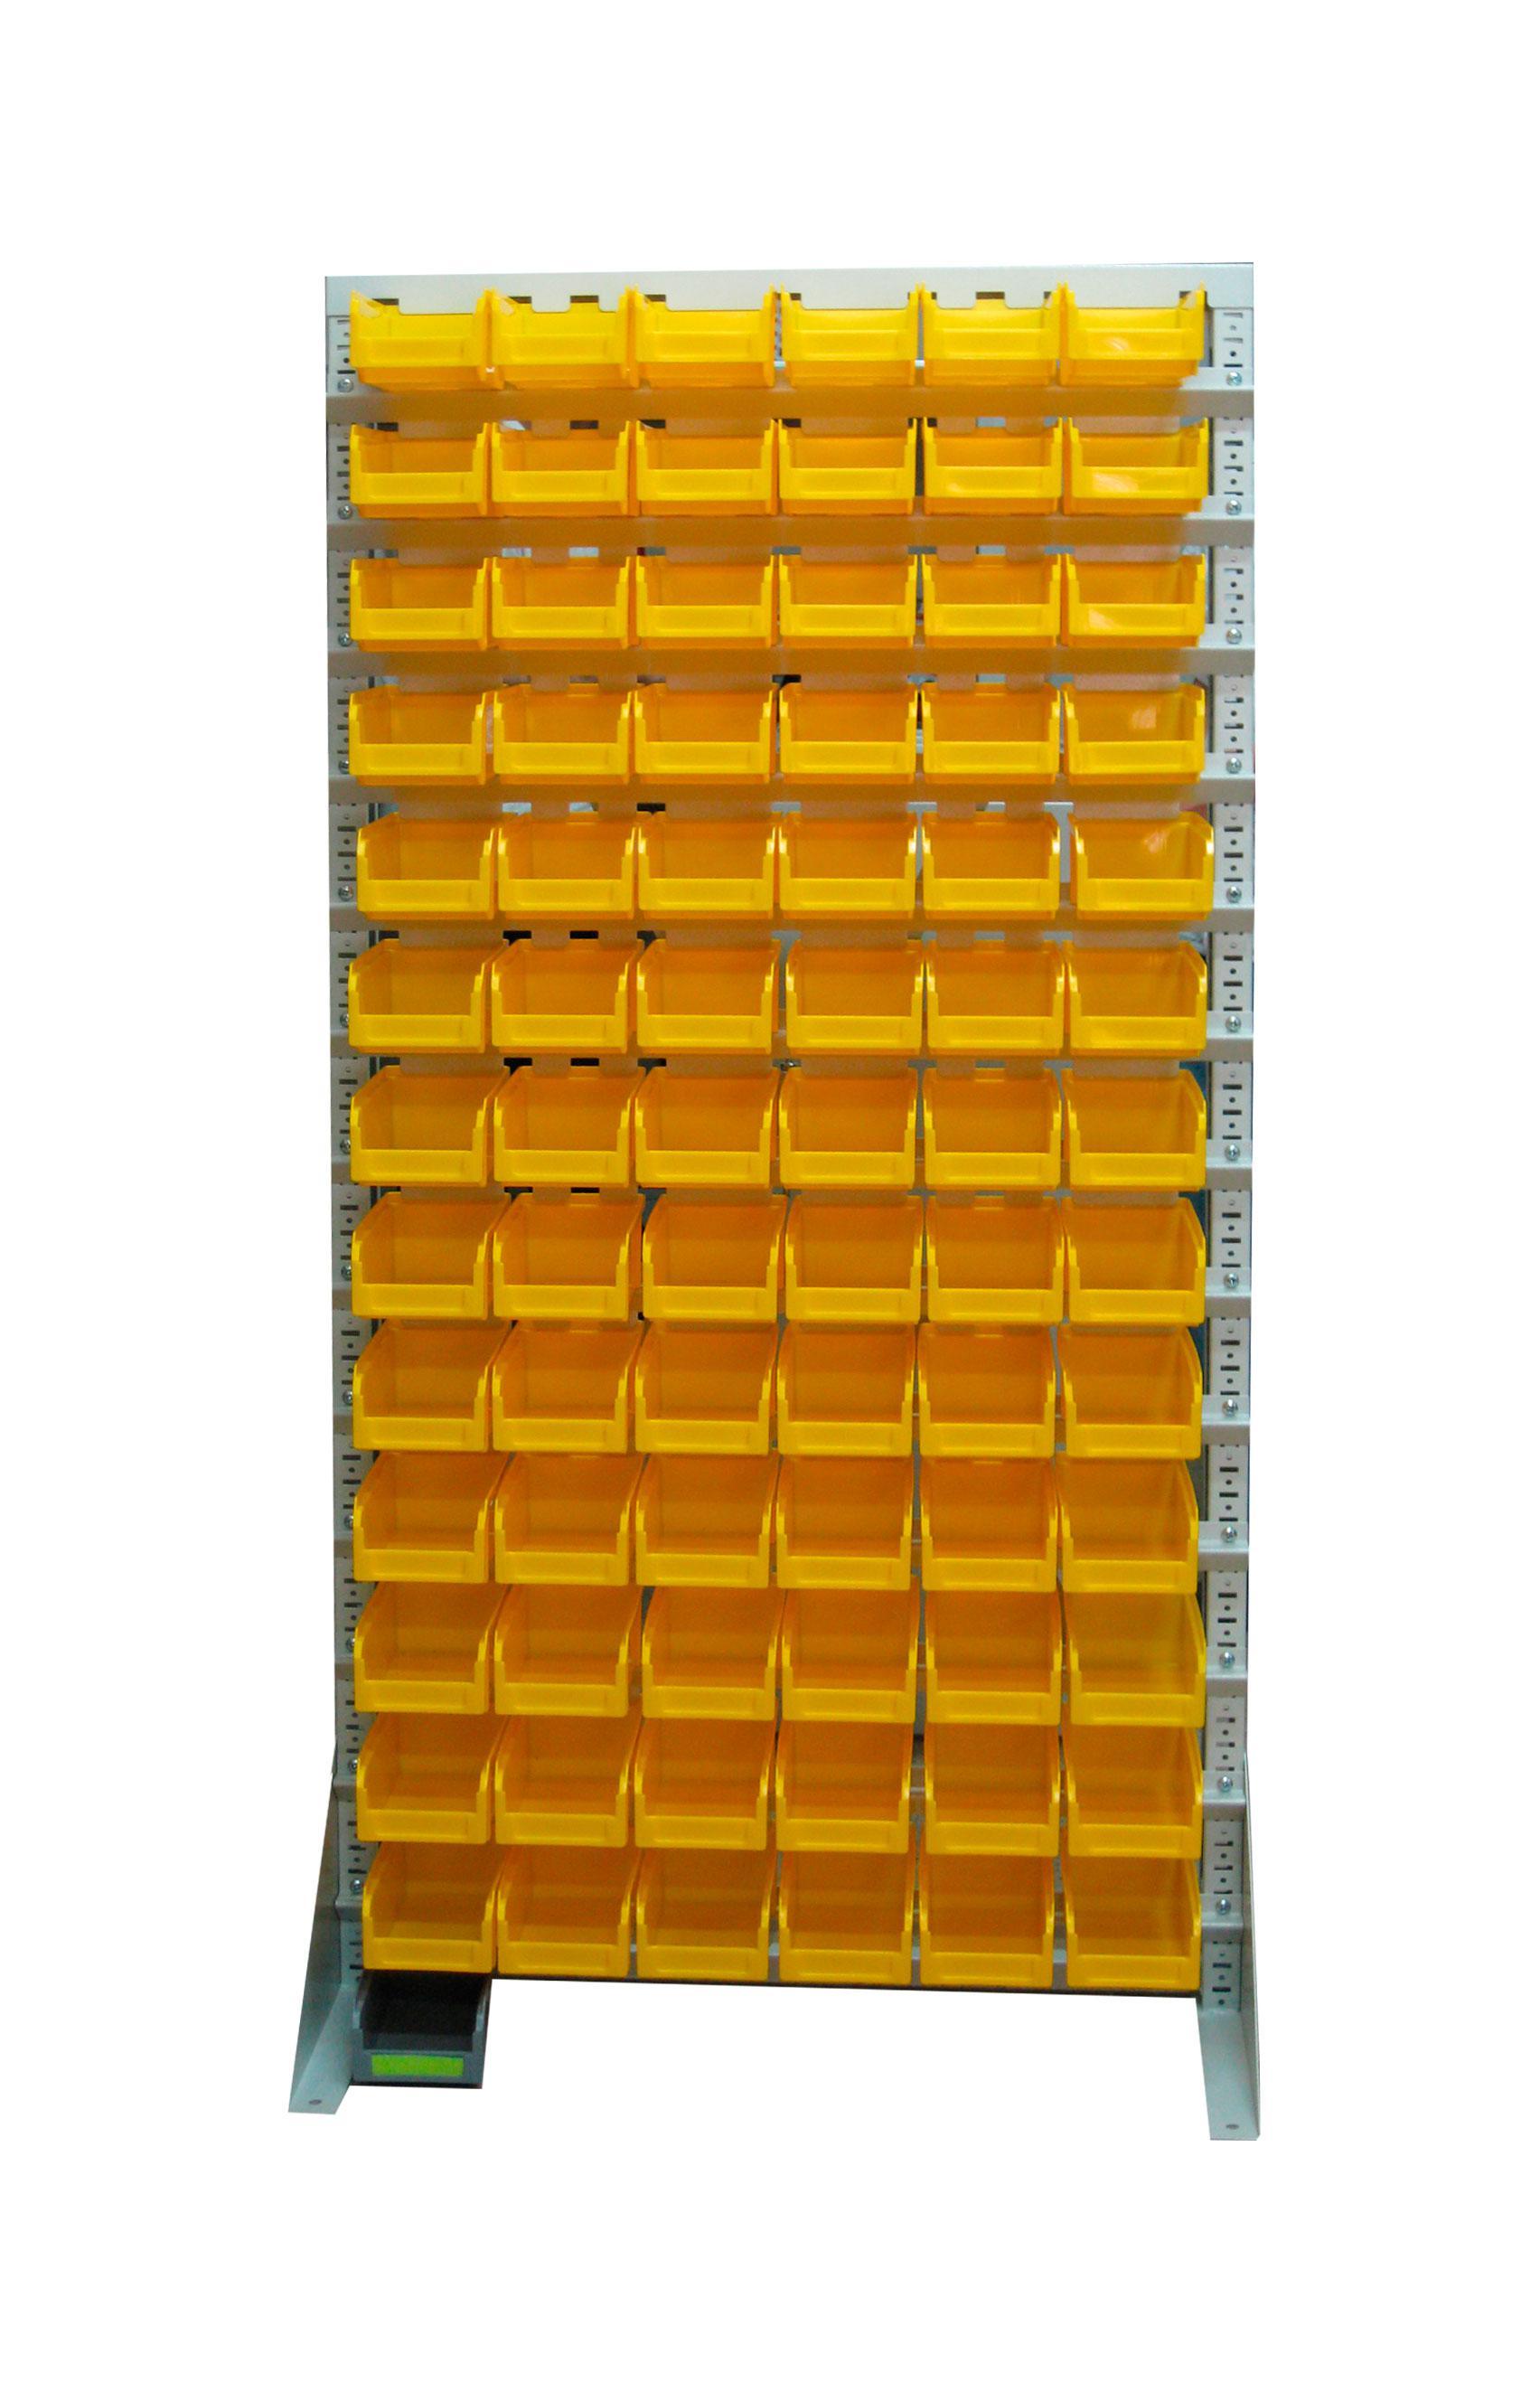 Стойка СТЕЛЛА A1-13-00-00 желтый стойка стелла с1 00 09 00 синий